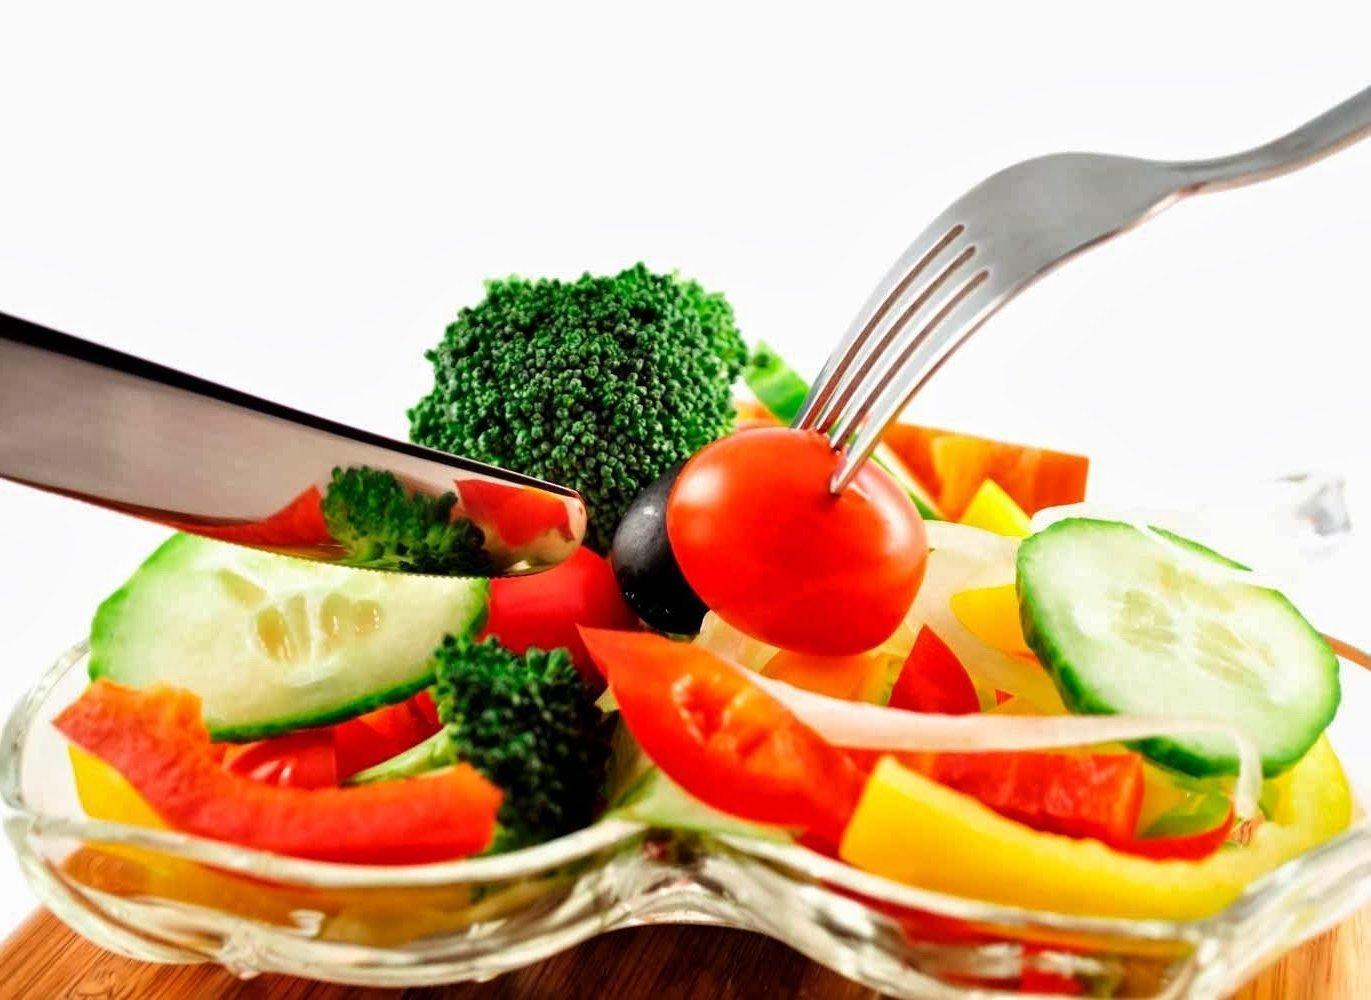 Dieta Dissociada Para Emagrecer Sendo Vegetariano em Um Mês